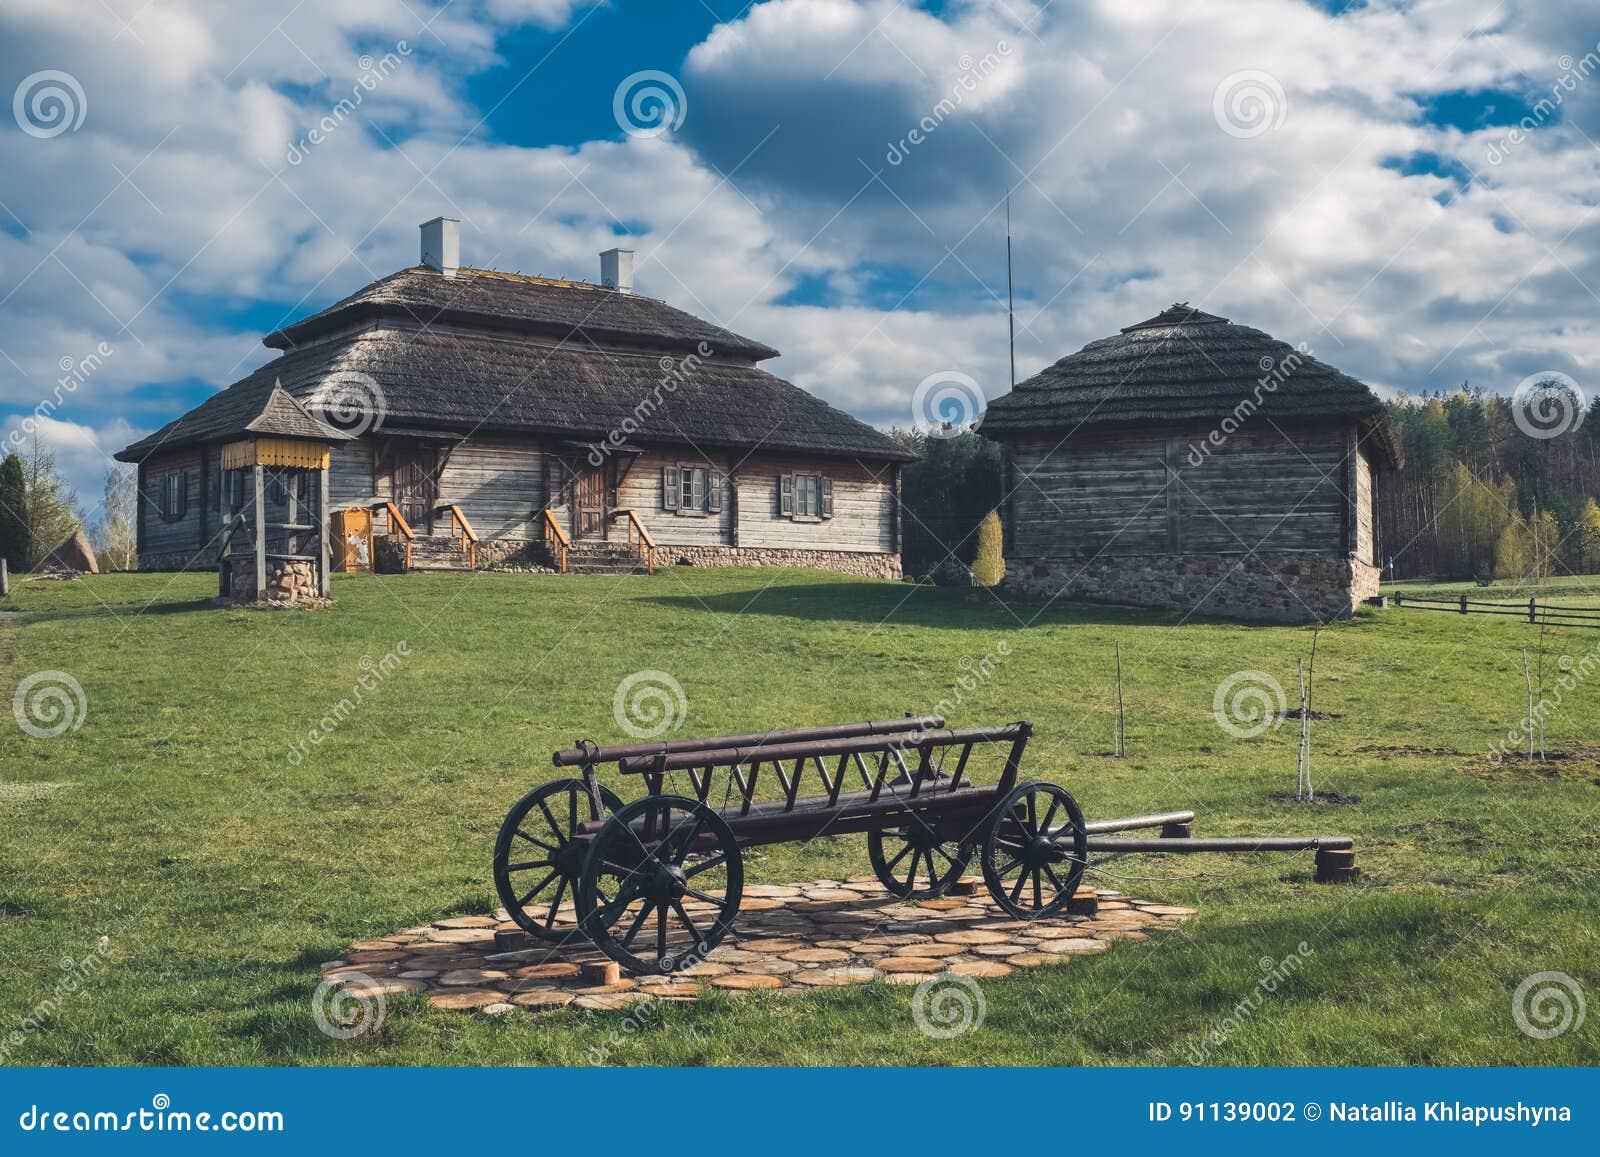 Etnisch huis op landelijk landschap - geboorteplaats van osciuszko in Kossovo-dorp, Wit-Rusland